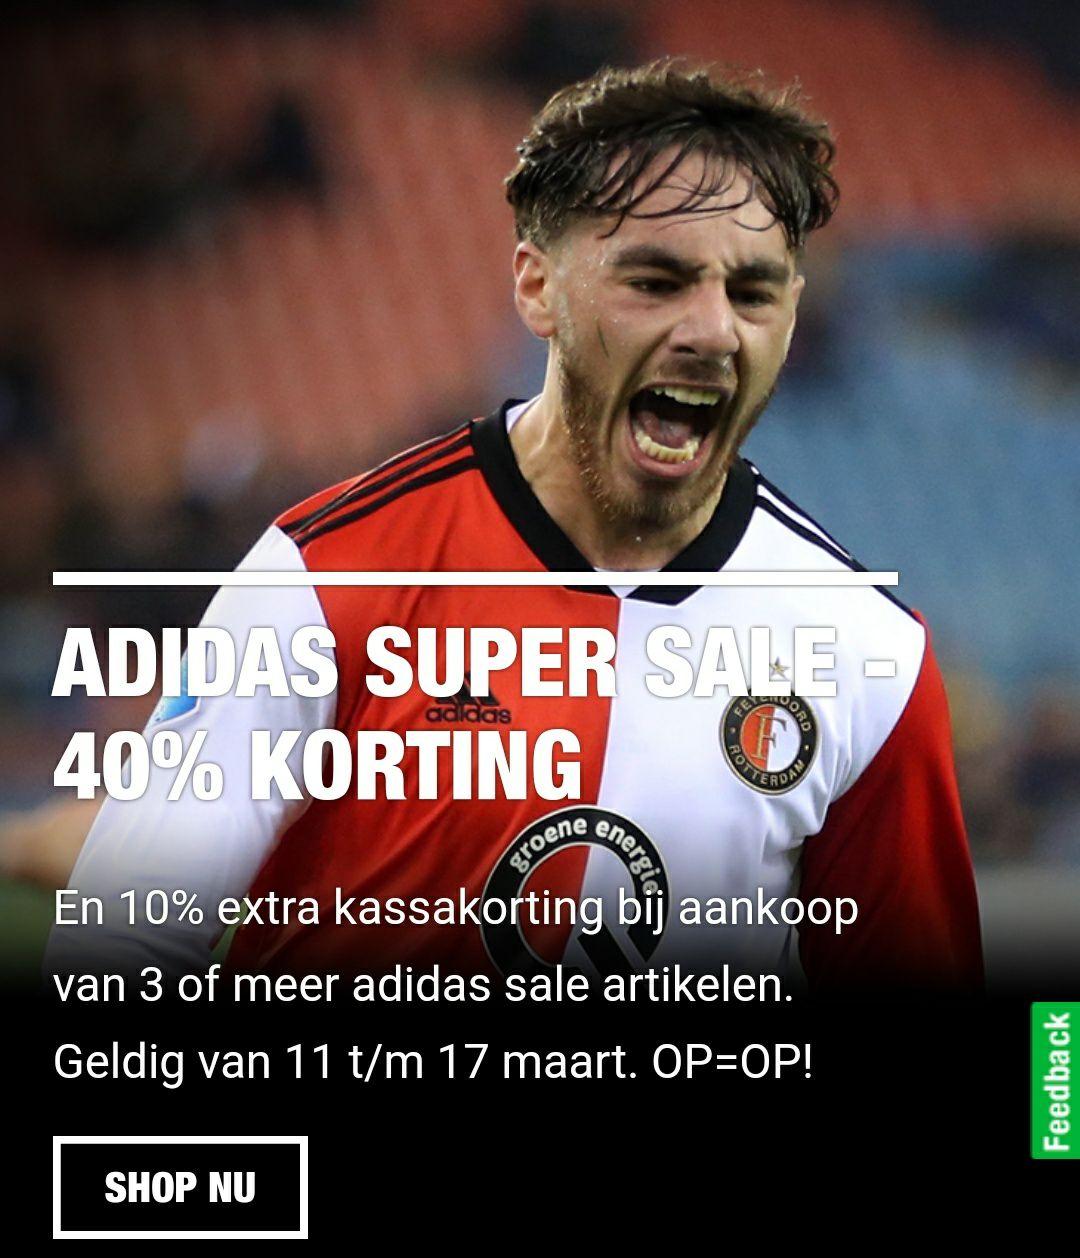 Adidas super sale @Feyenoord Fanshop